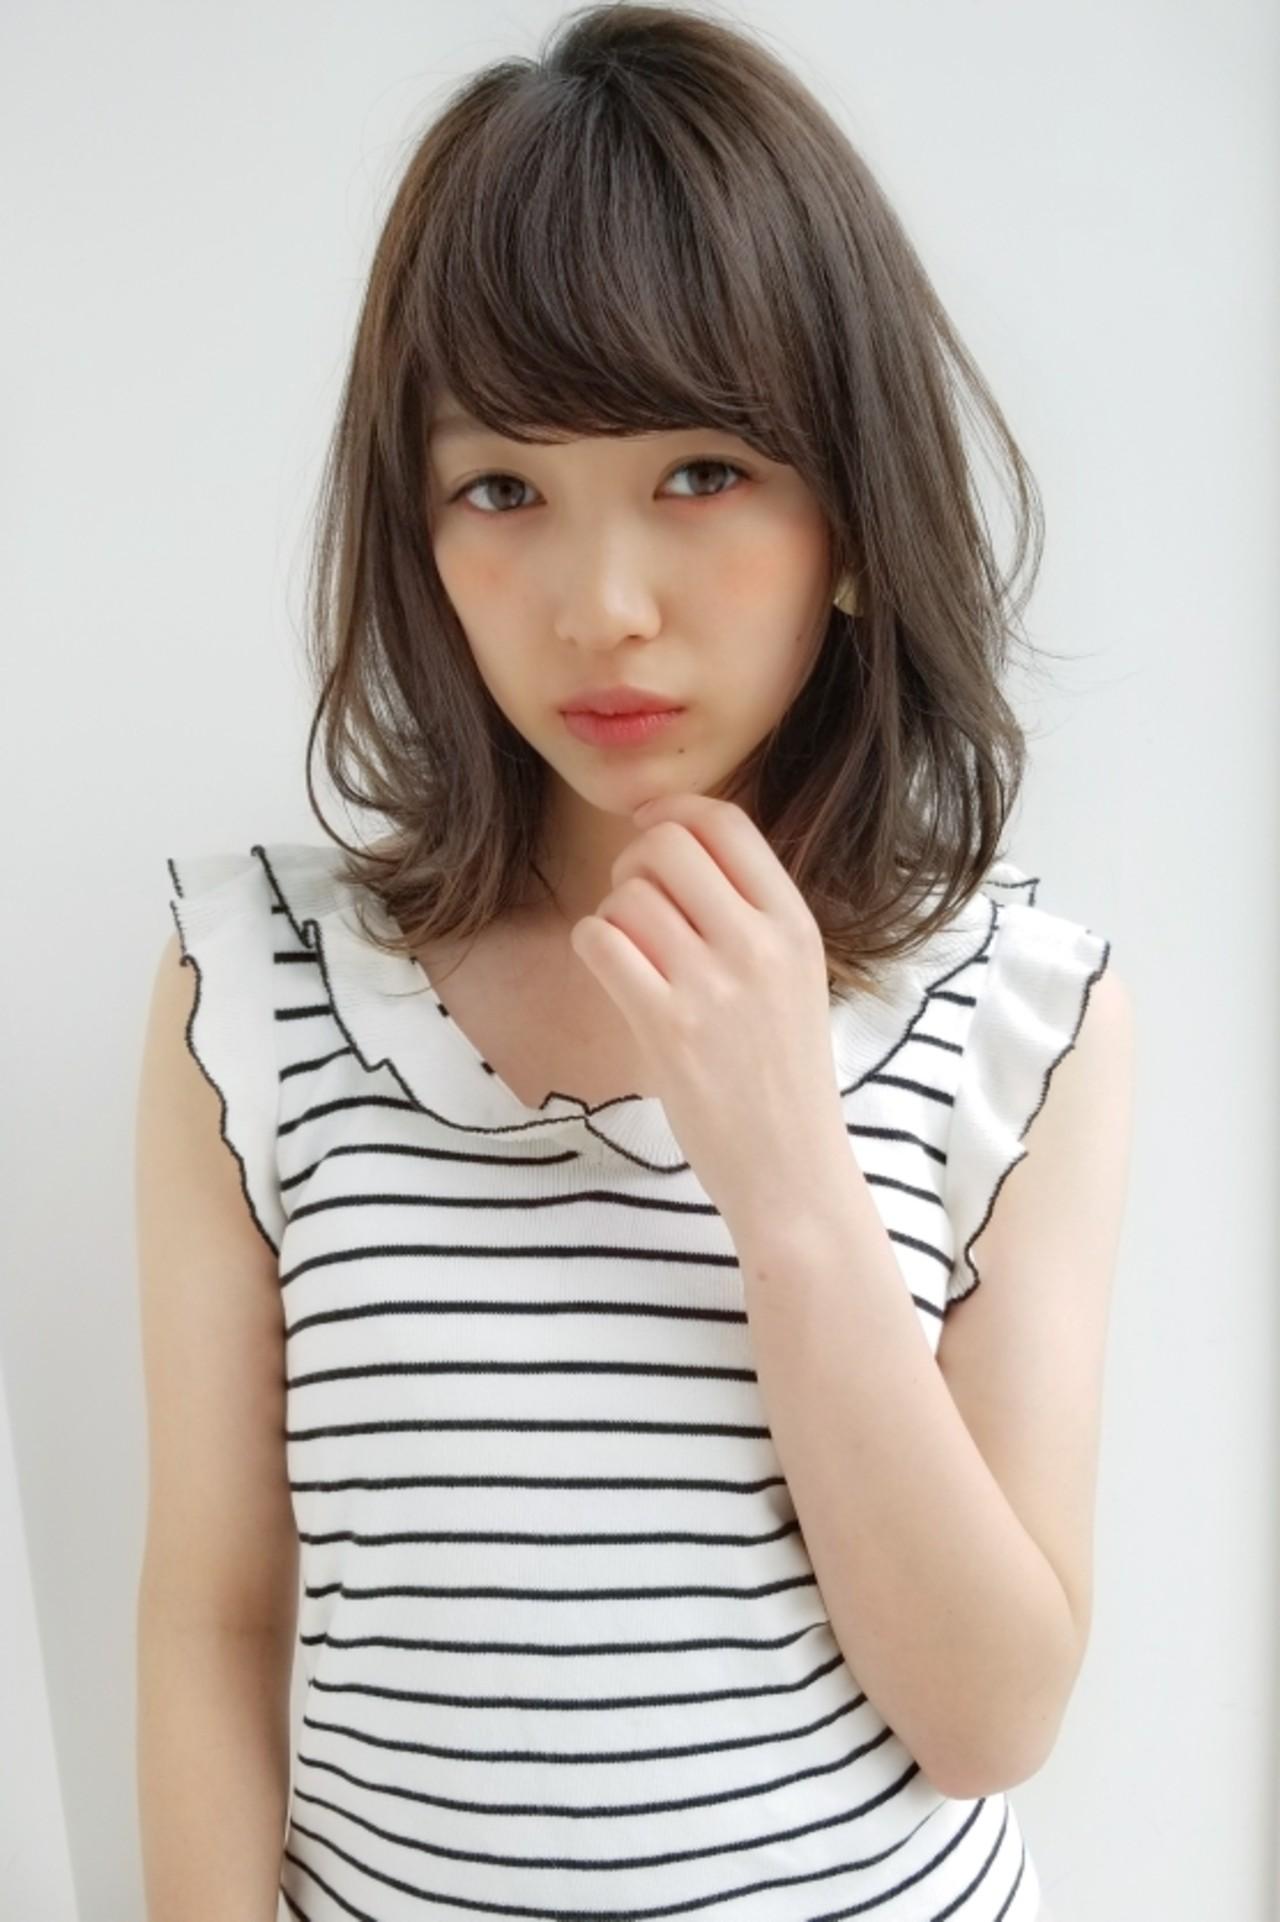 夏 ミディアム 大人かわいい 前髪あり ヘアスタイルや髪型の写真・画像